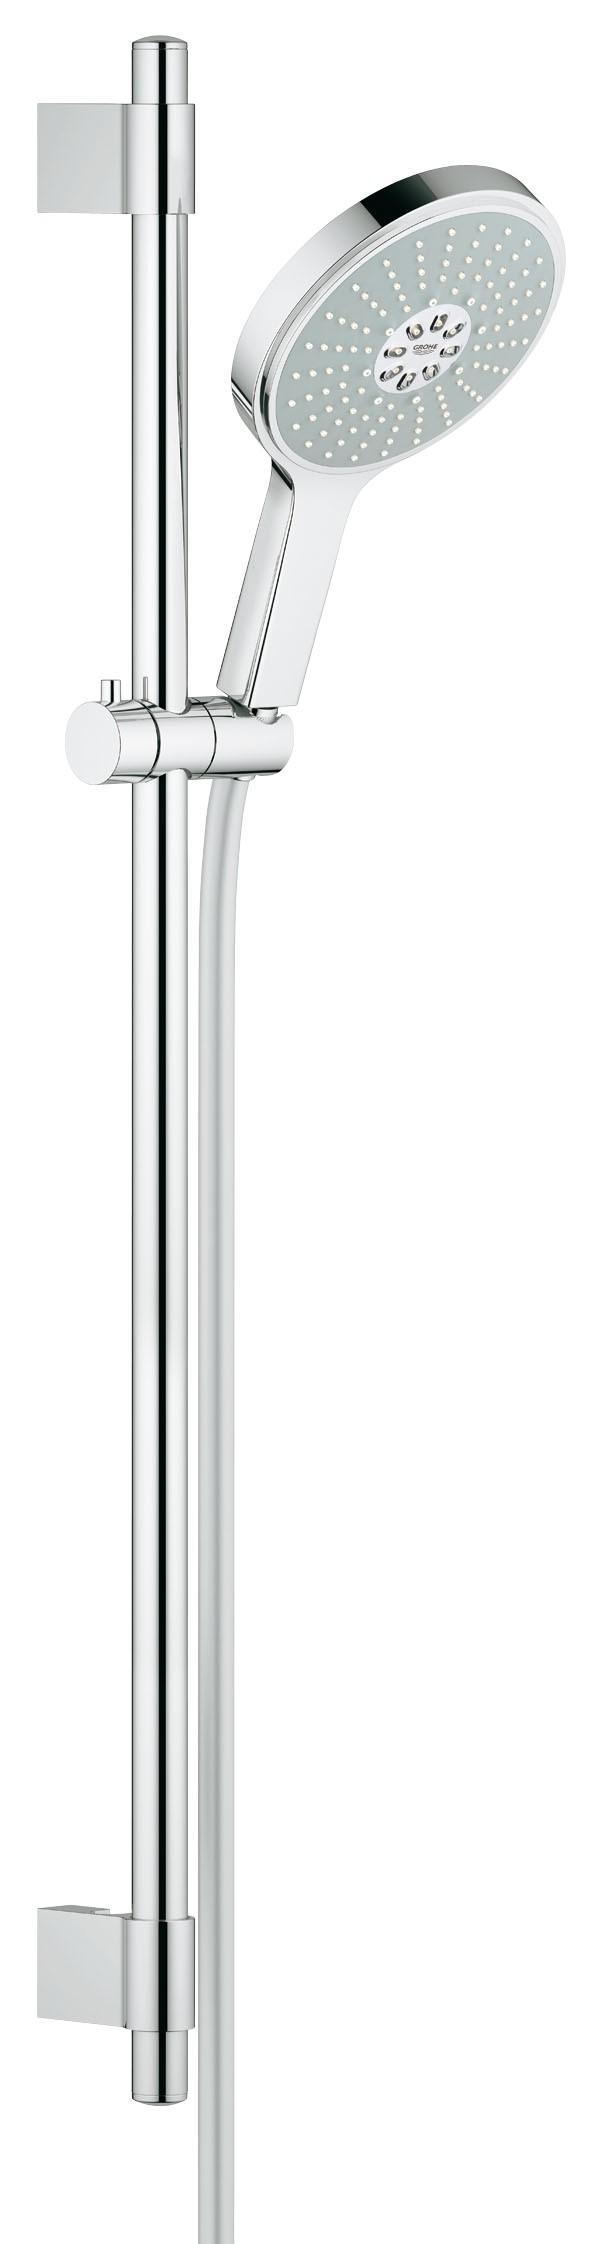 Душевой гарнитур Grohe 27746000 Power&Soul Cosmopolitan 160 (ручной душ, штанга 900 мм, шланг 1750 мм) с ограничением расхода воды,